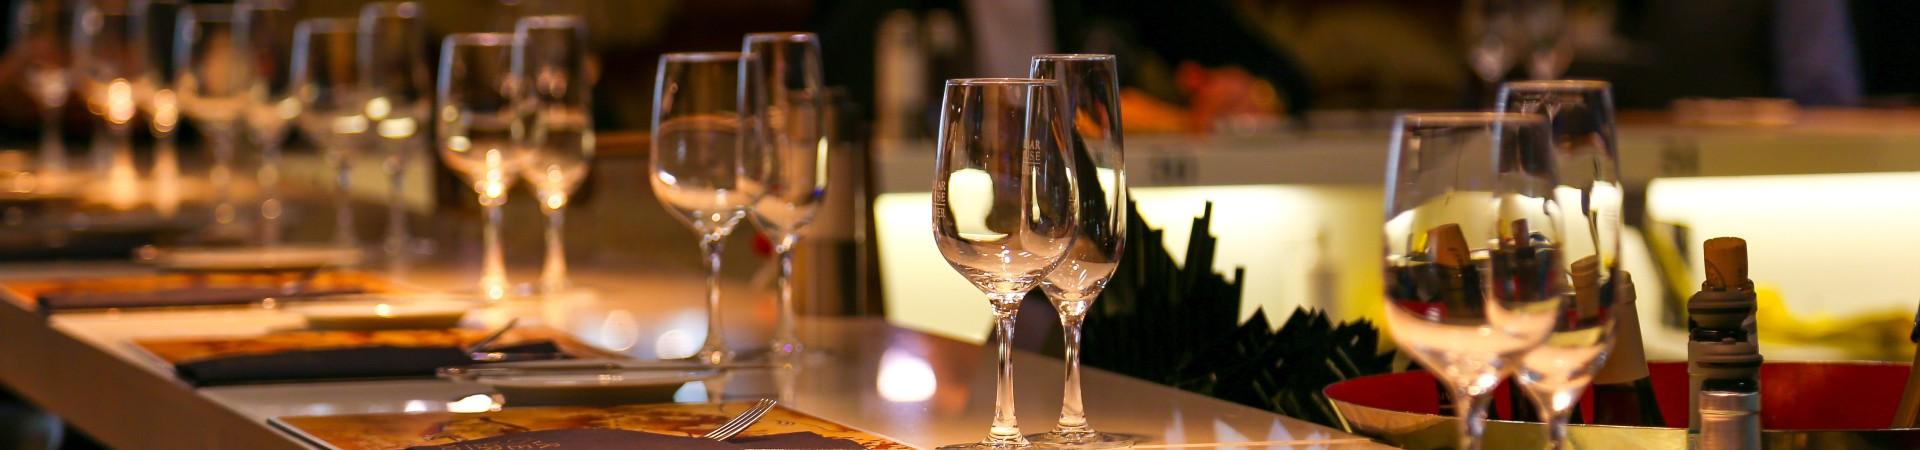 Wijnglazen in een restaurant falconp4 pixabay